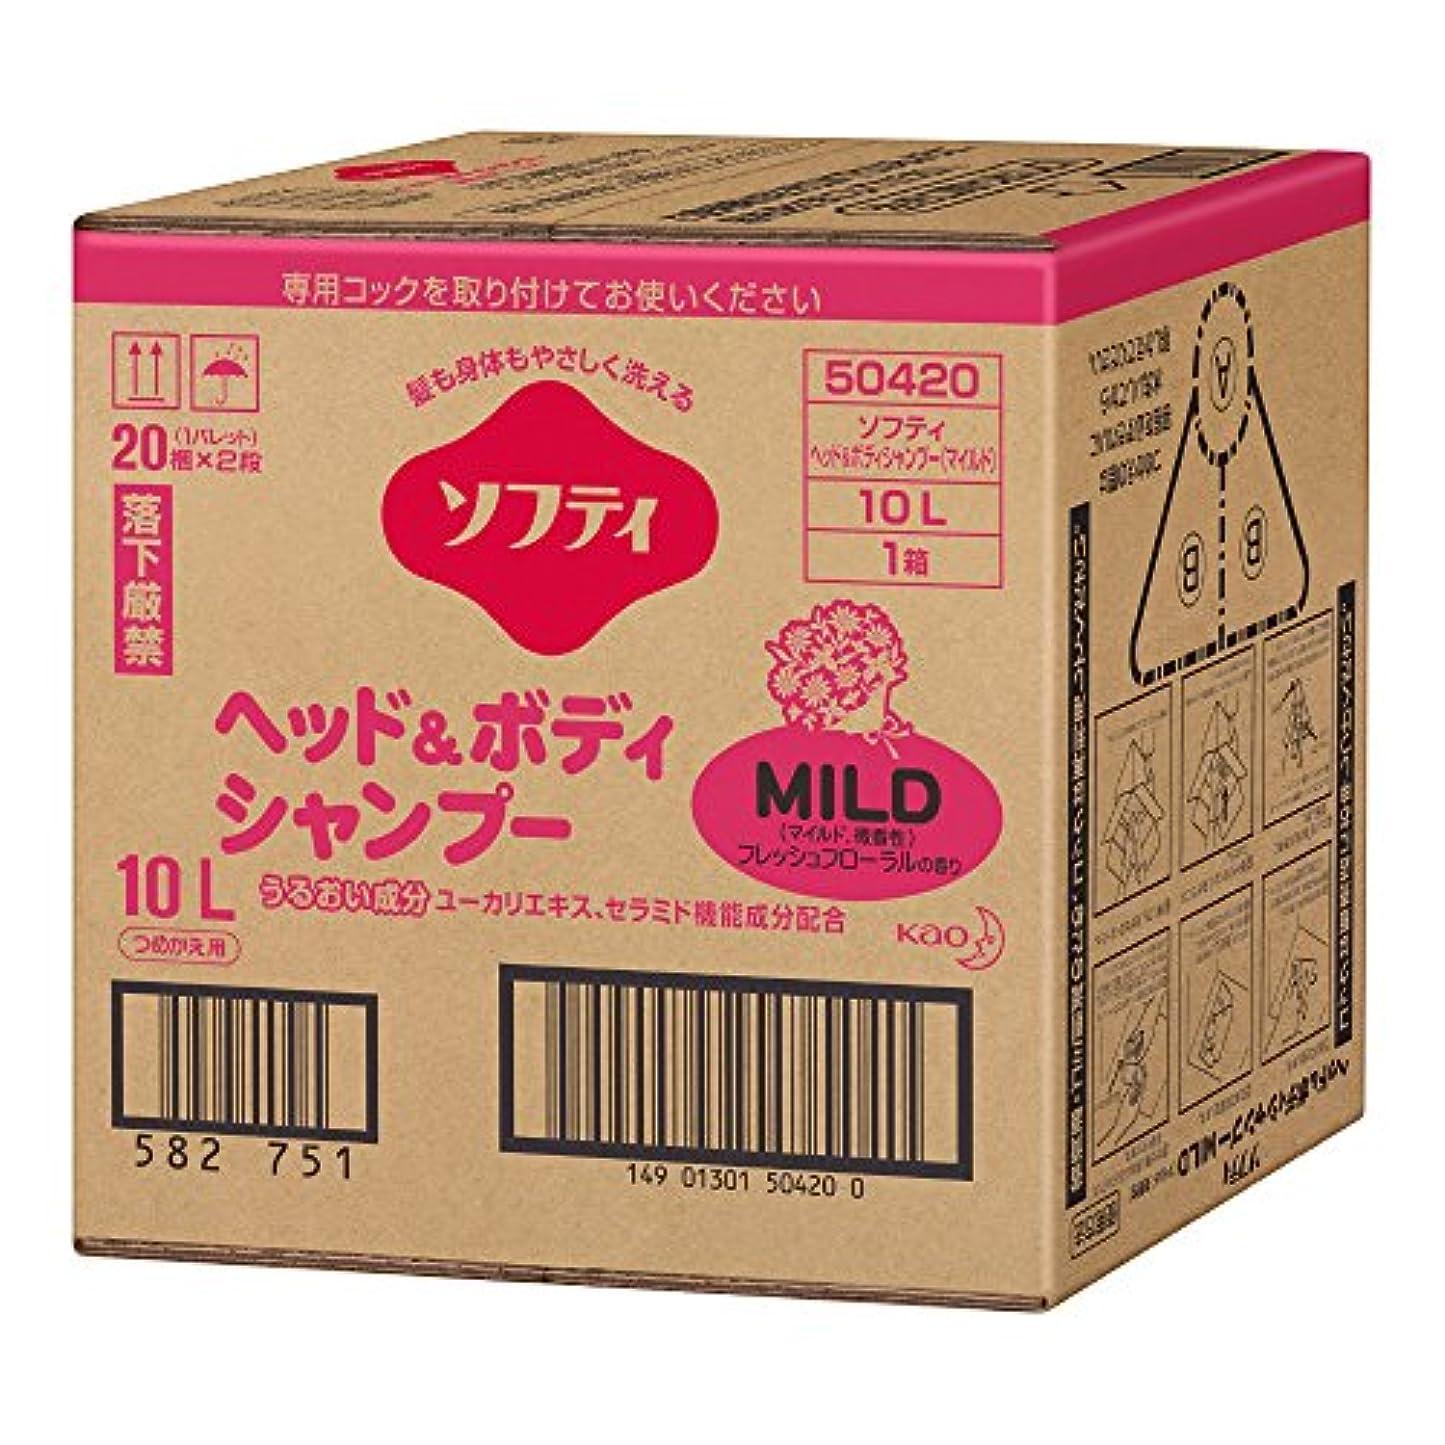 ひも管理アクセスできないソフティ ヘッド&ボディシャンプーMILD(マイルド) 10L バッグインボックスタイプ (花王プロフェッショナルシリーズ)